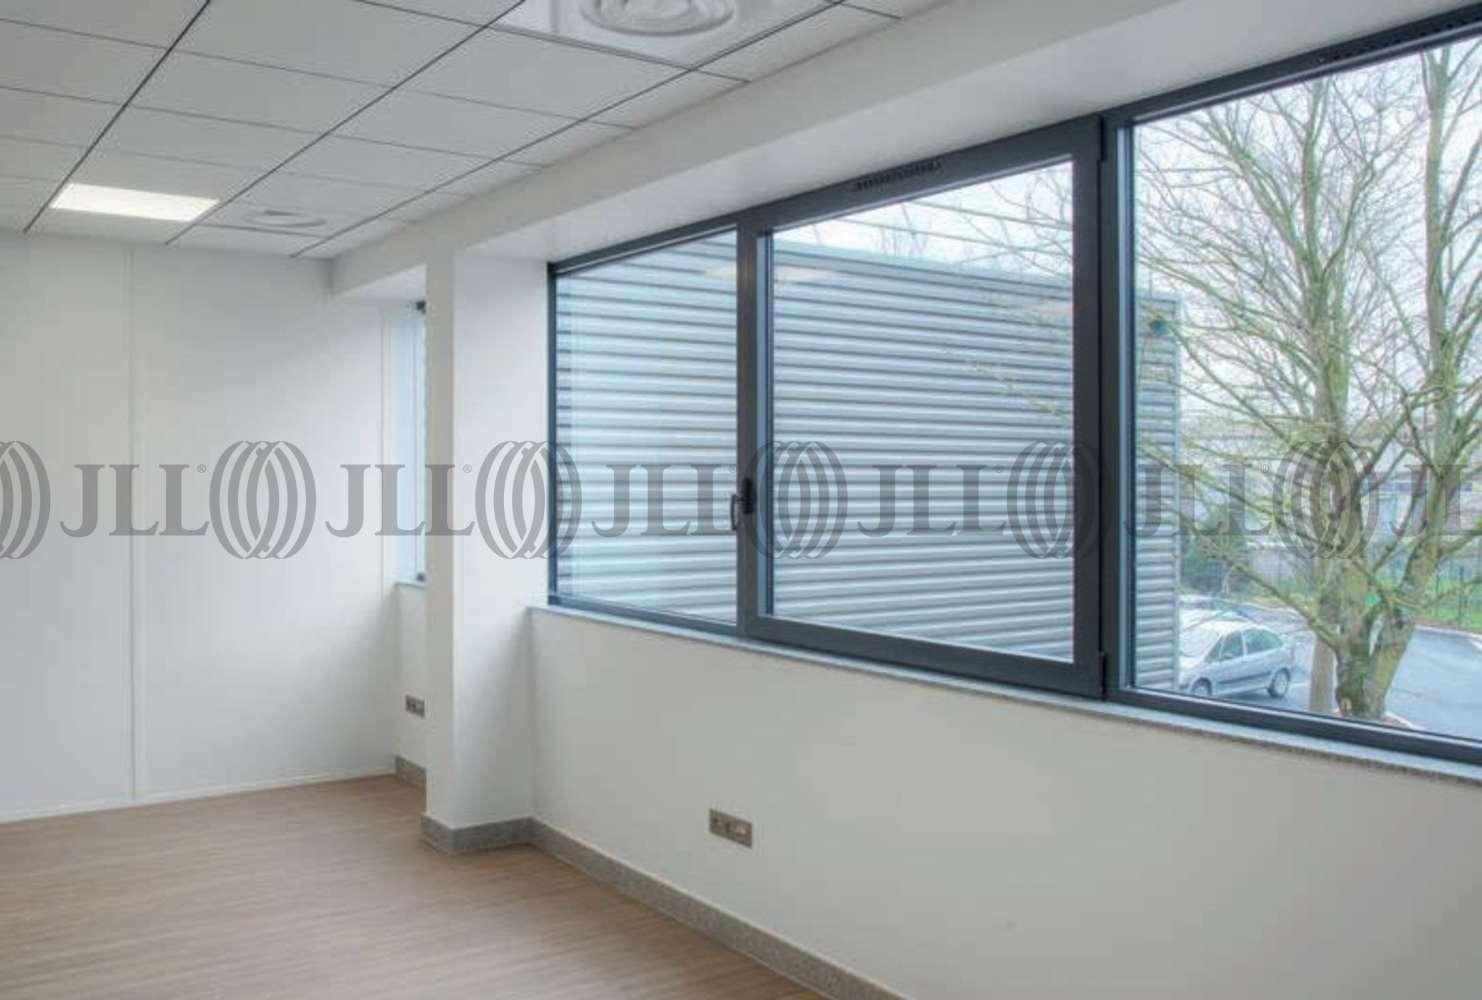 Activités/entrepôt Ste genevieve des bois, 91700 - IDF SUD / AUTRE - 10376043